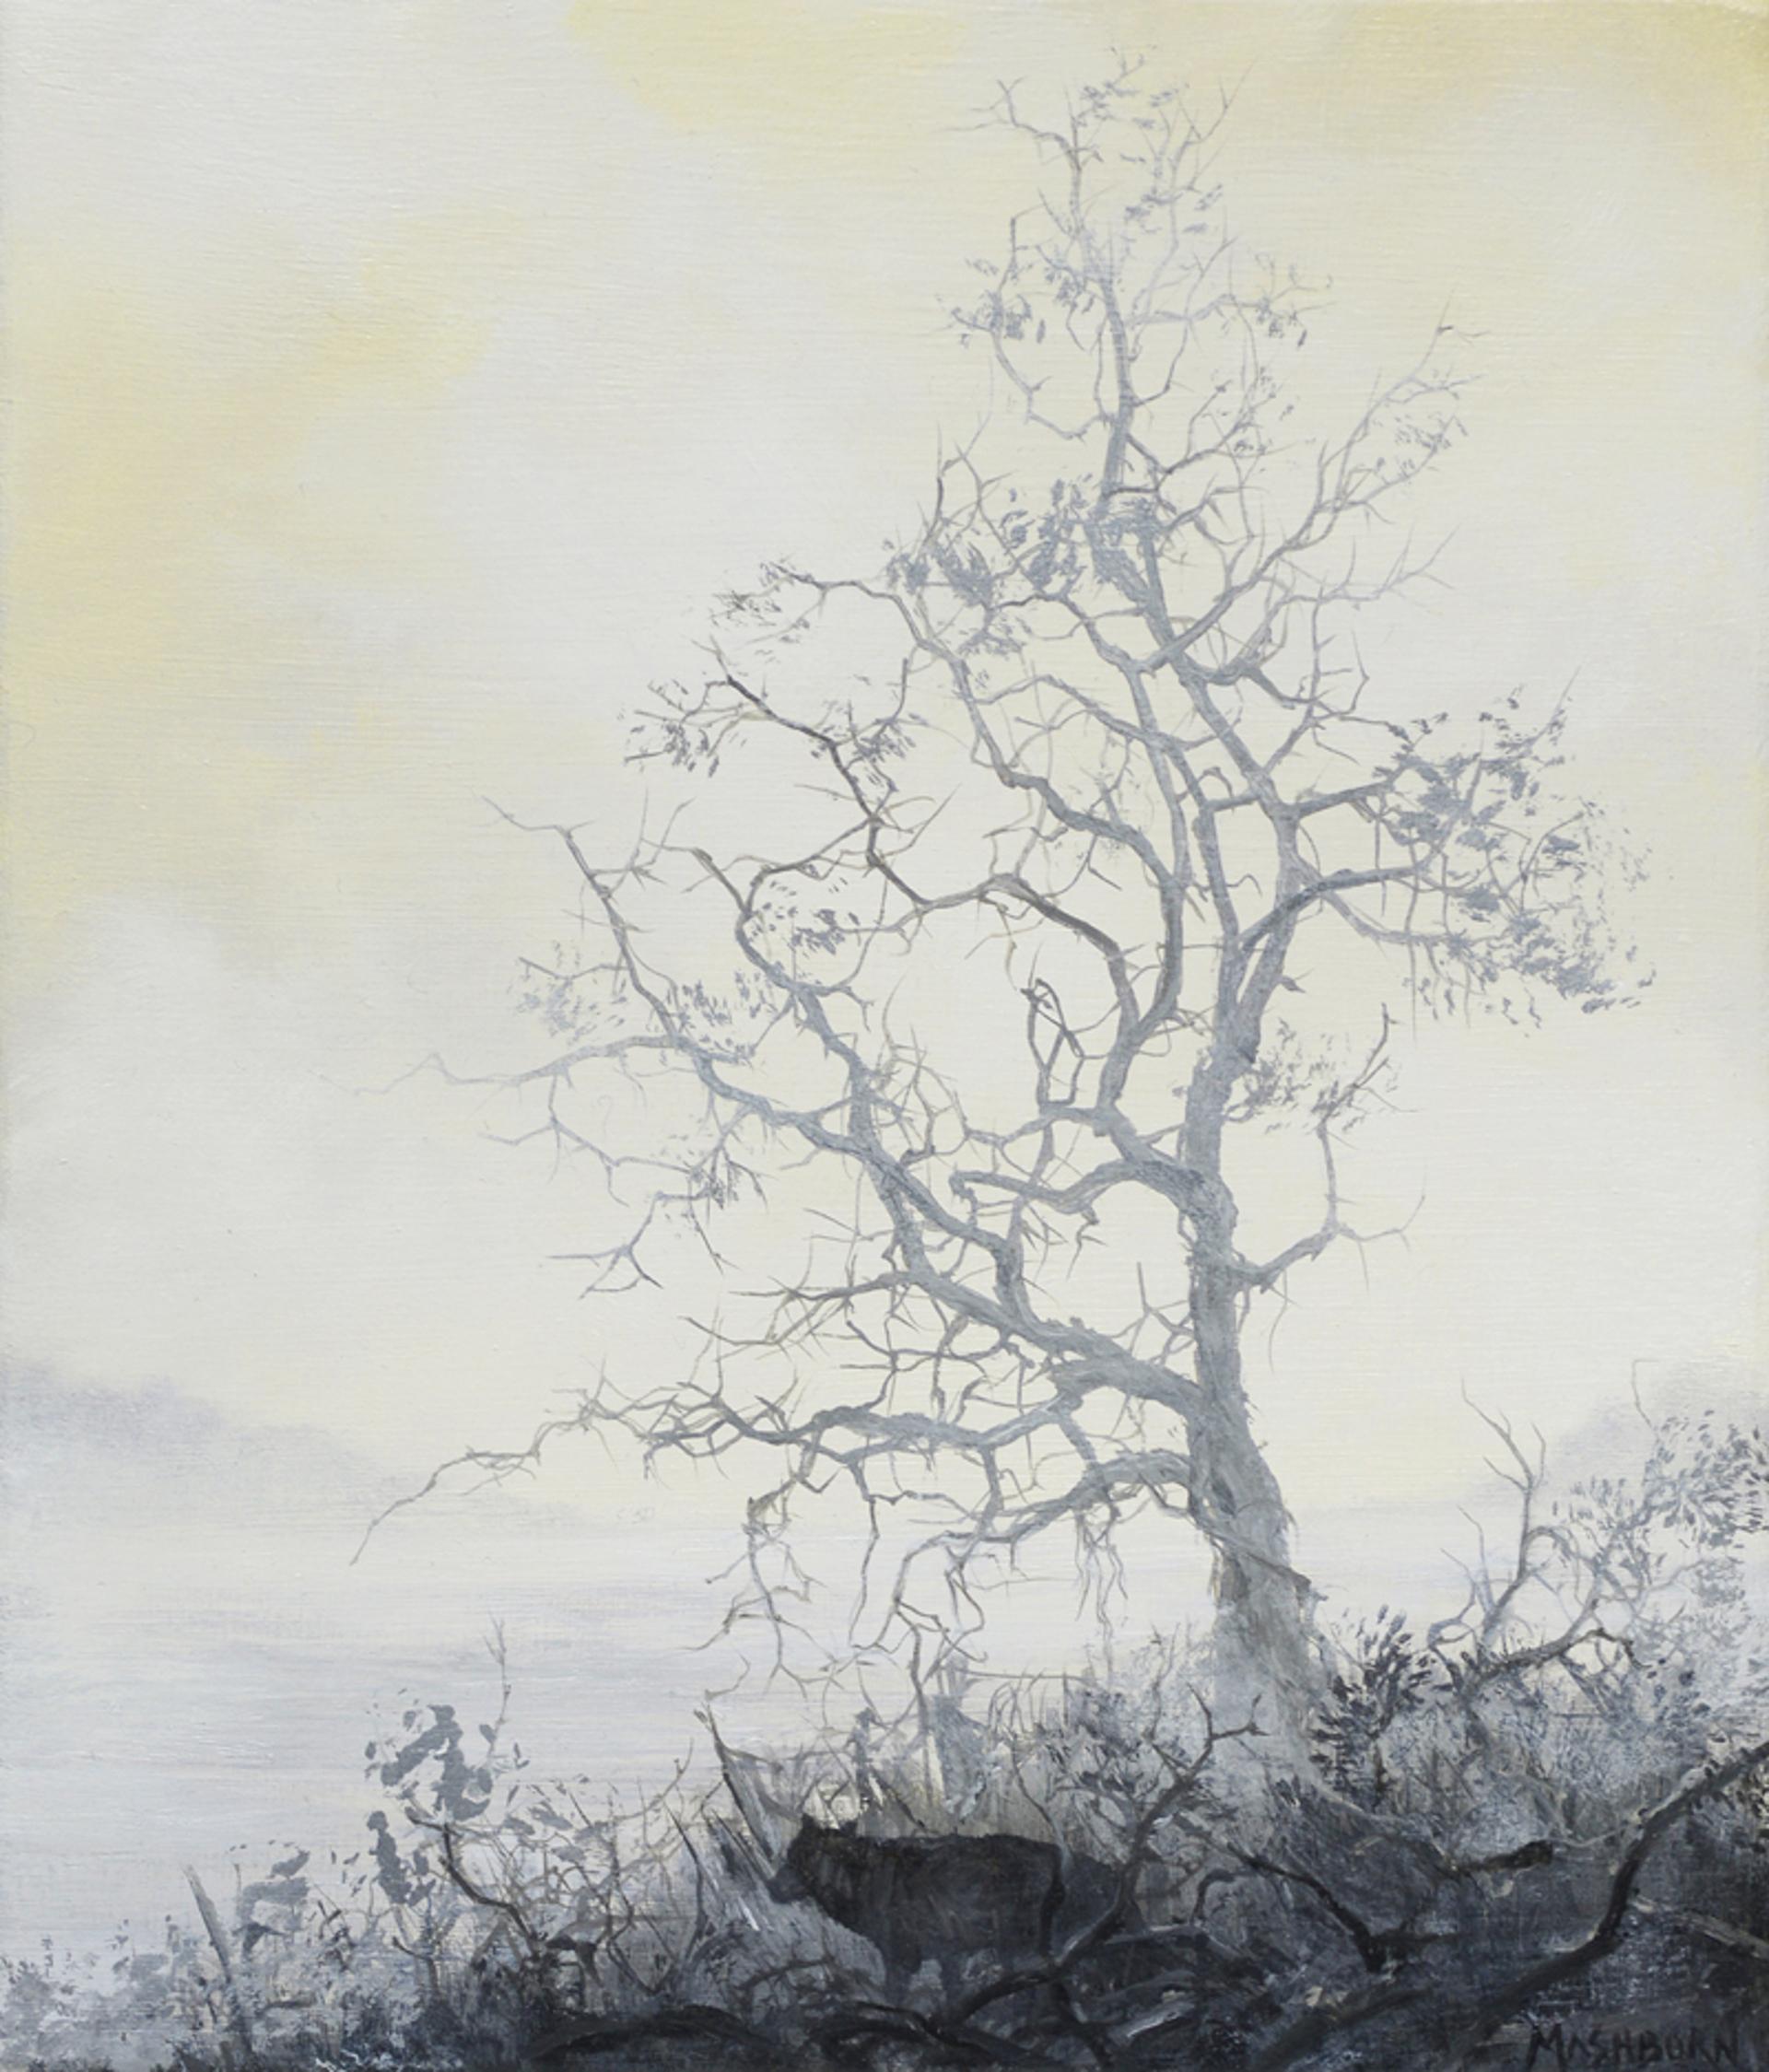 Wolf 1 by Brian Mashburn